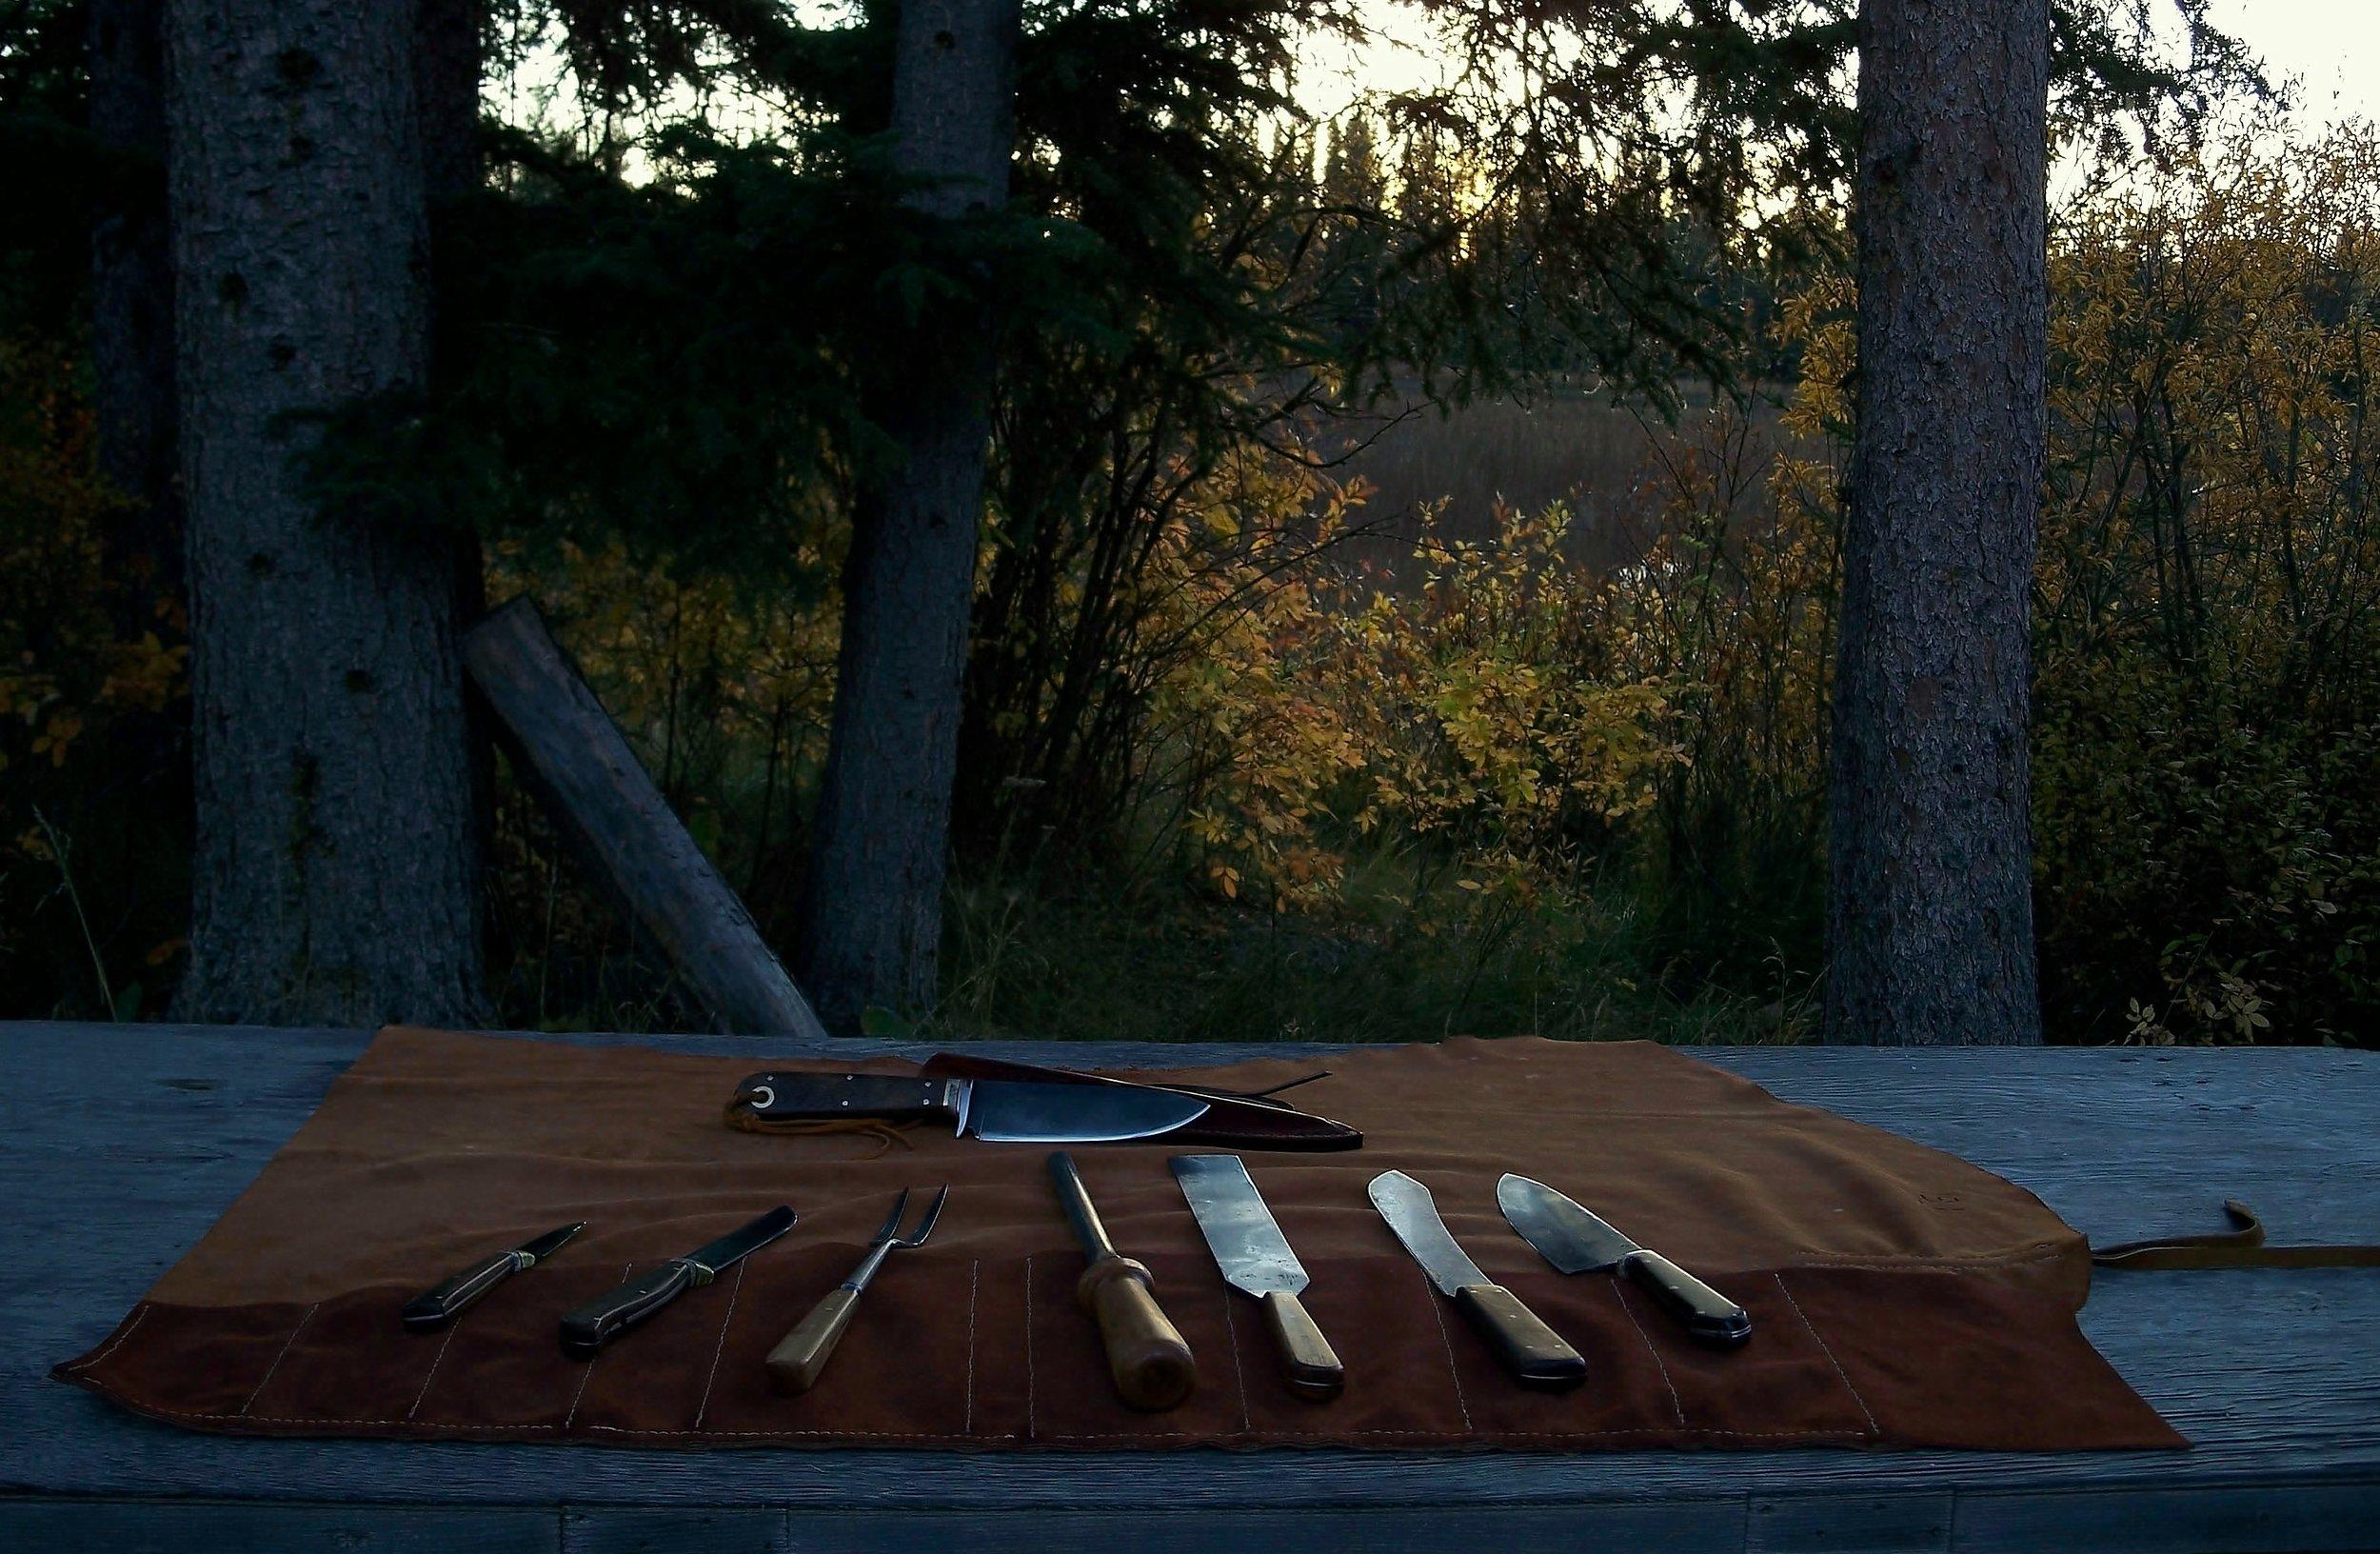 Camp Food Preparation Knife set.